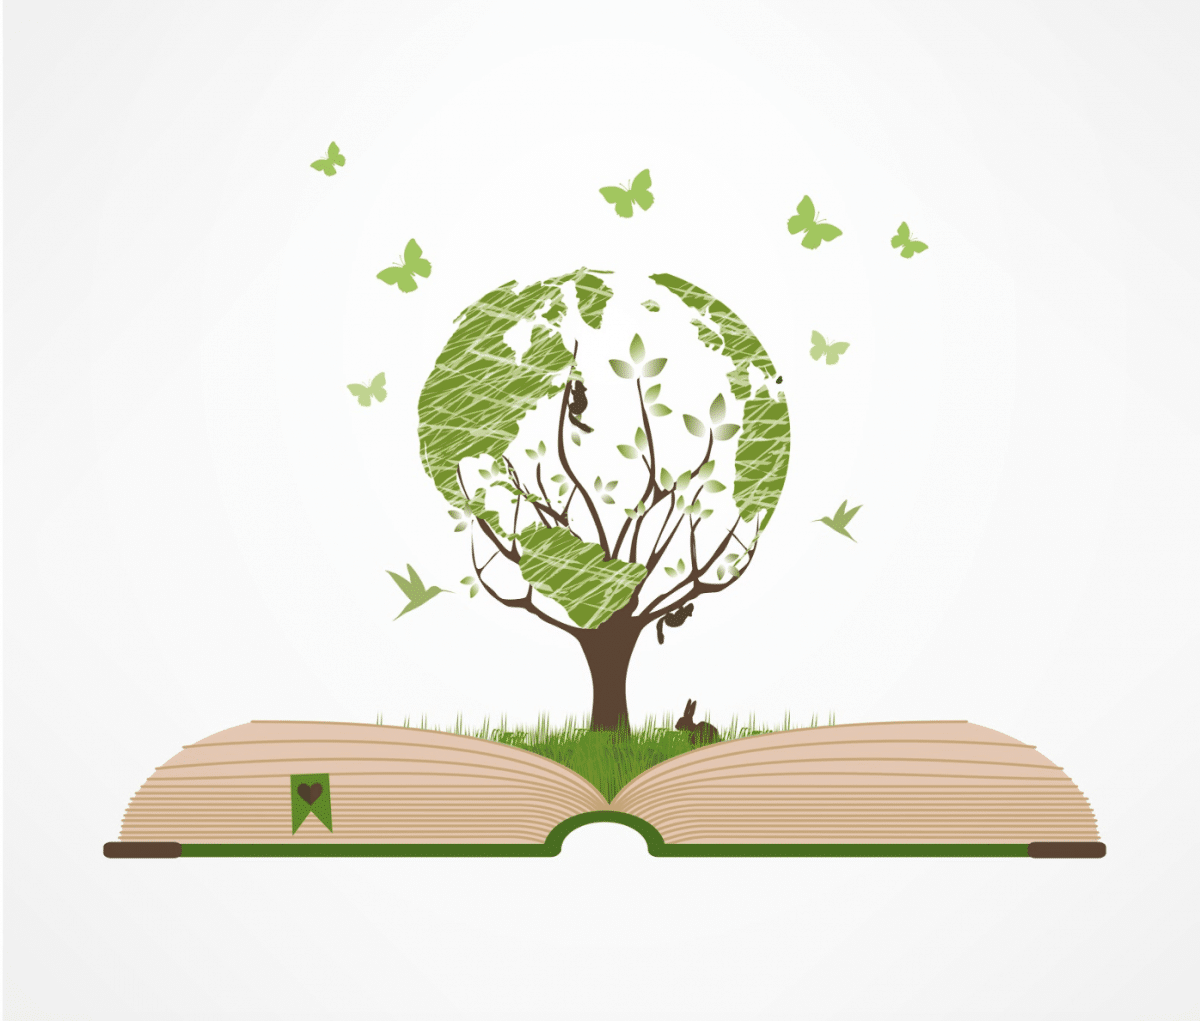 轉型的慈善募捐,公益型募款與募款網站的發展